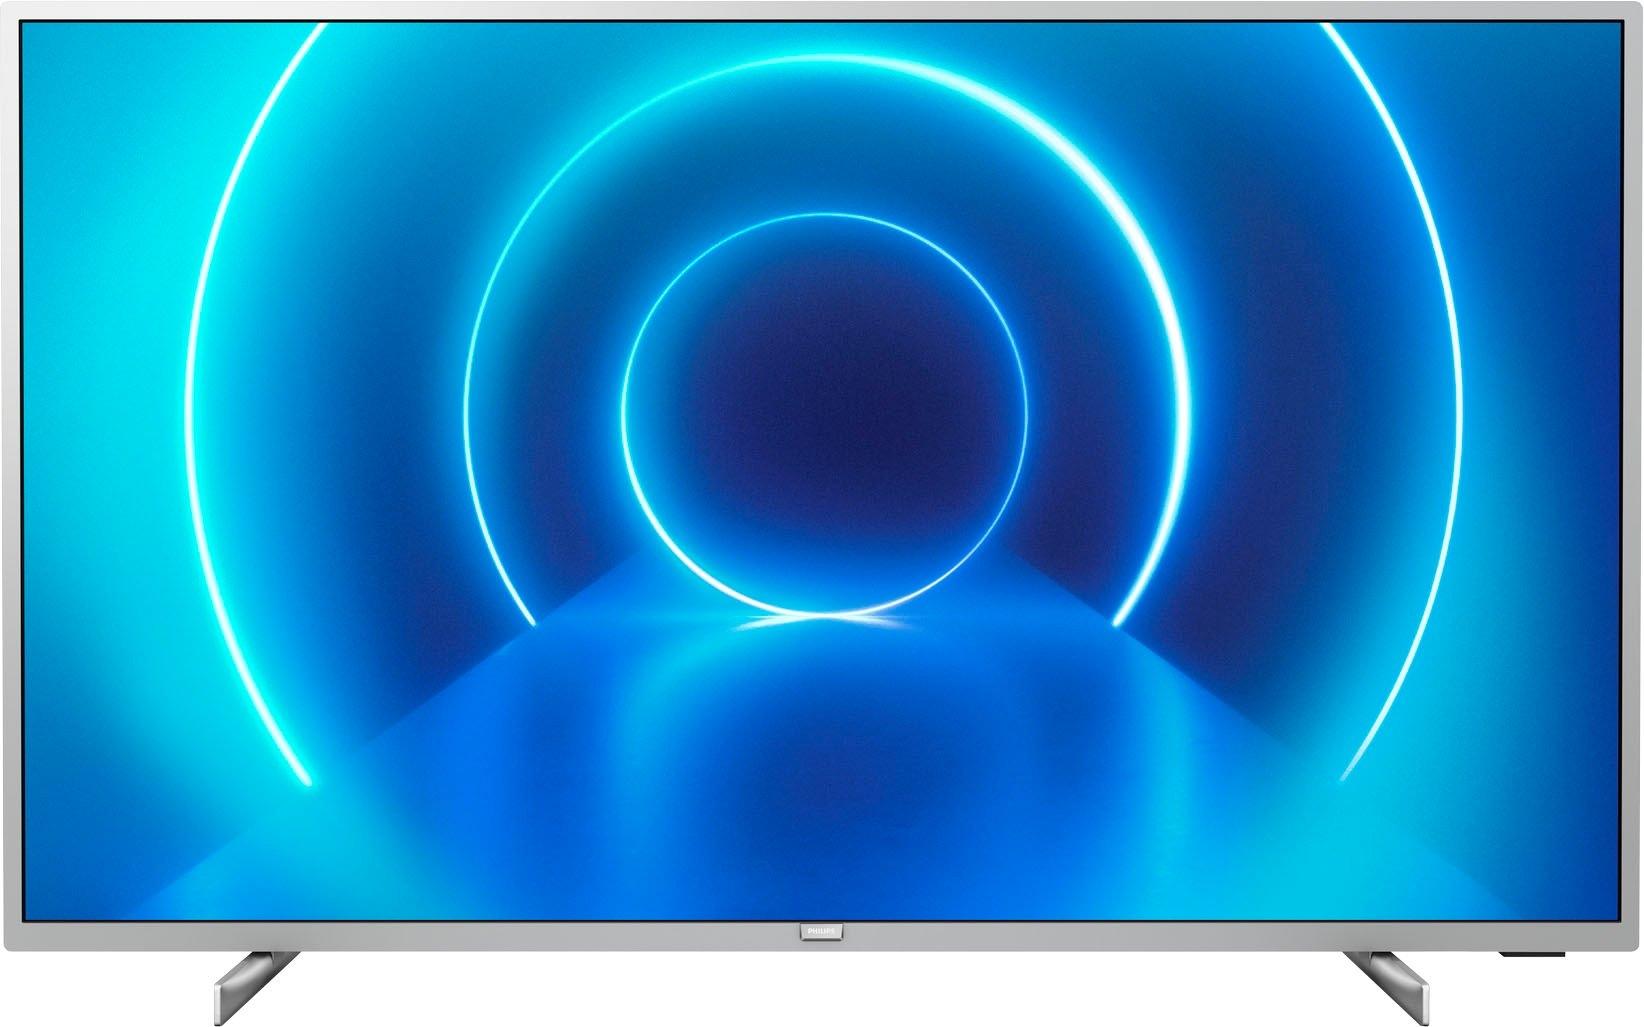 Philips LED-TV 43PUS7555/12, 108 cm / 43